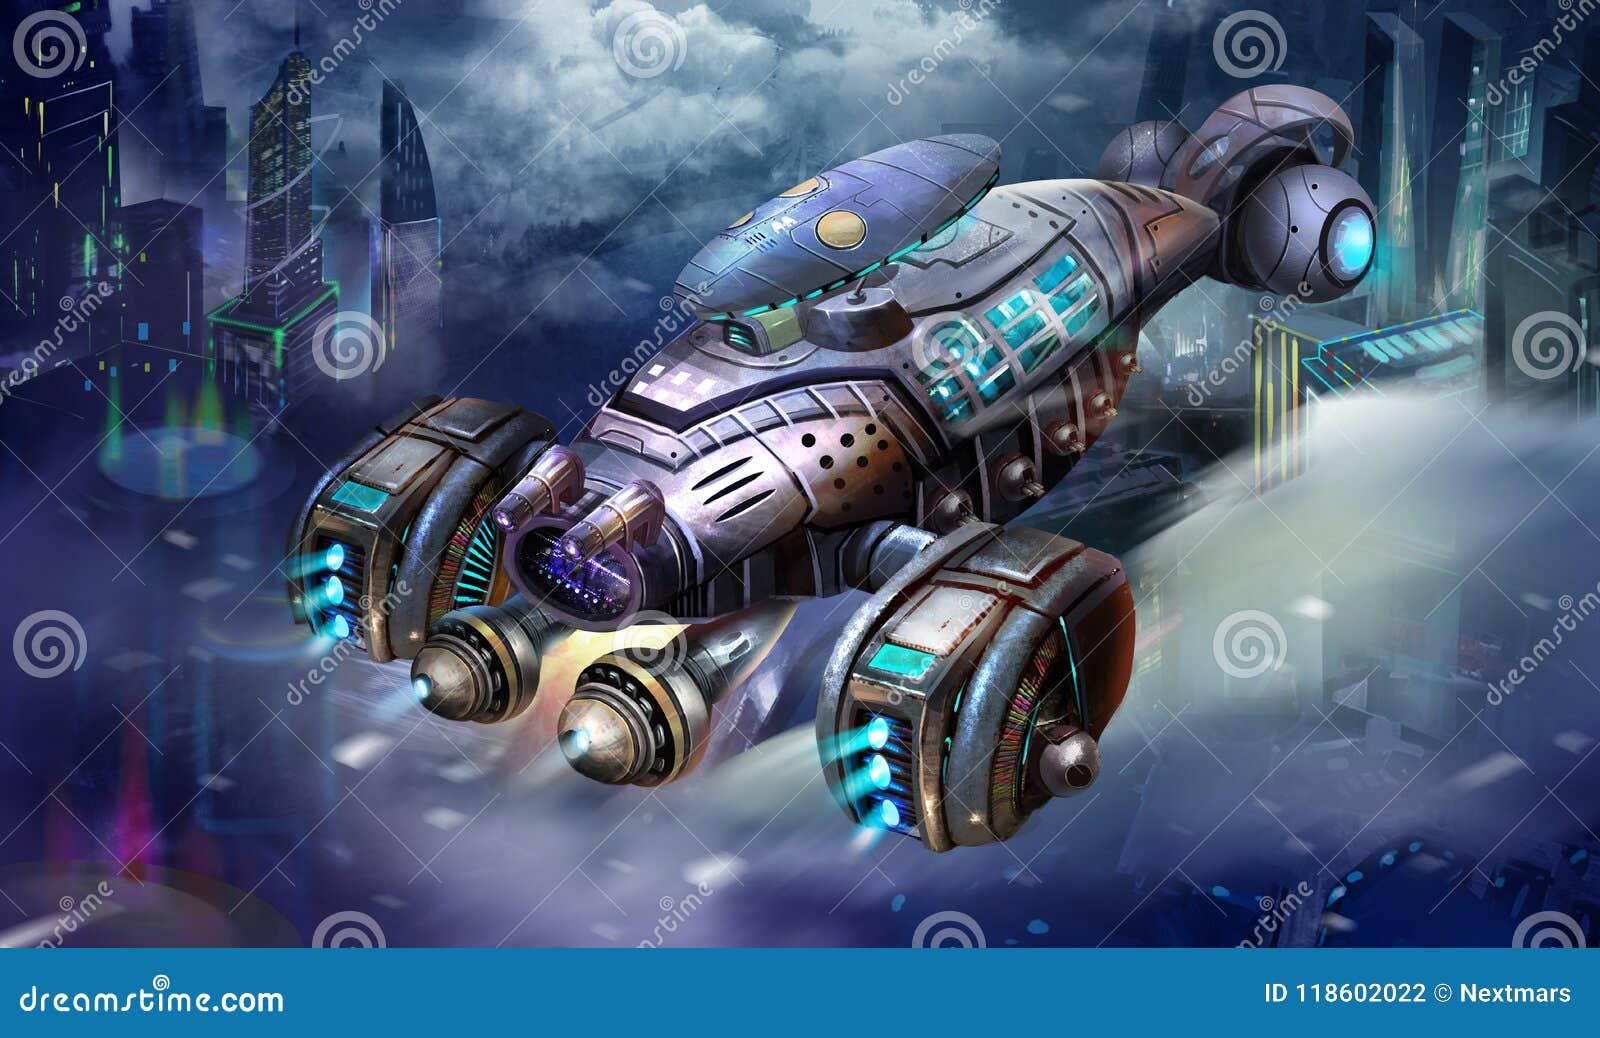 Воздушные судн научной фантастики, космический корабль креветки, сцена корабля научной фантастики и города с фантастическим, реал